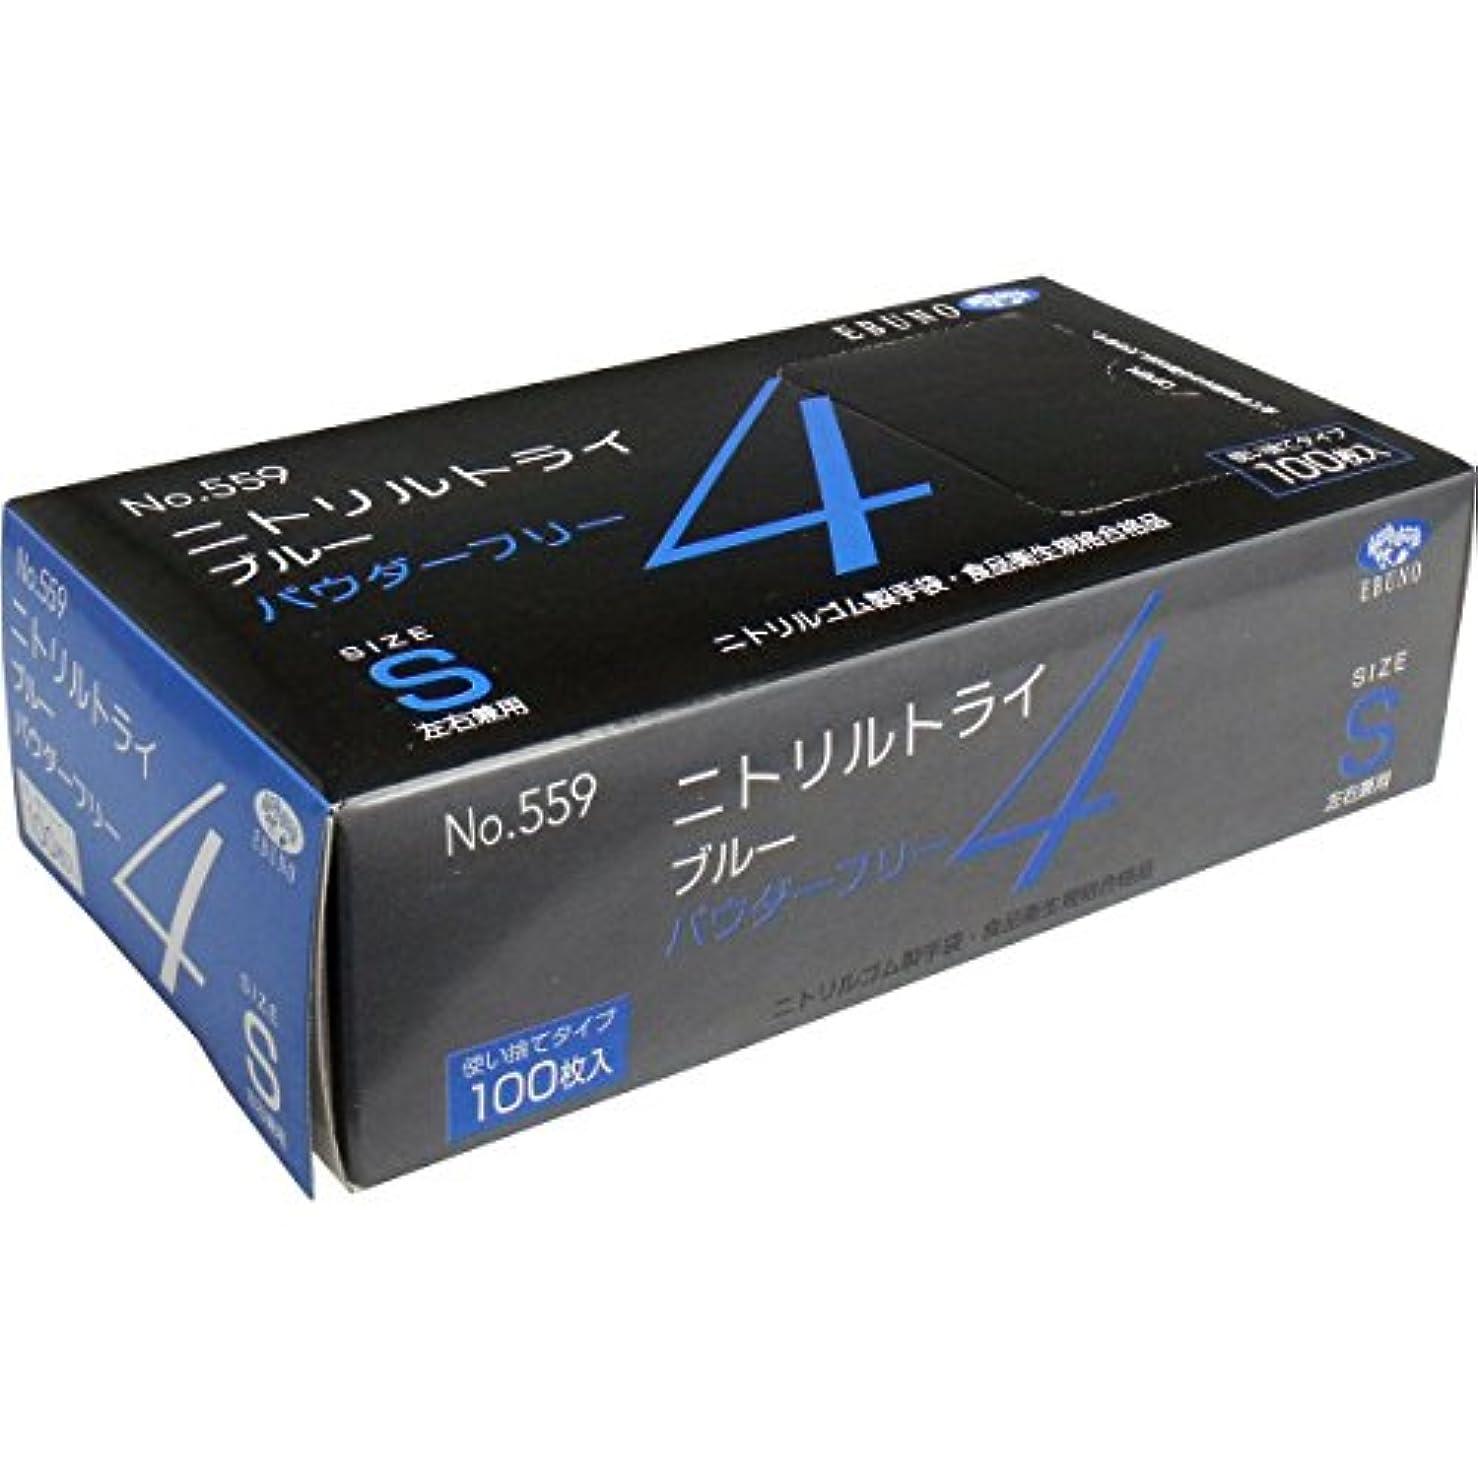 困難粒子屋内ニトリルトライ4 №559 ブルー 粉無 Sサイズ 100枚入